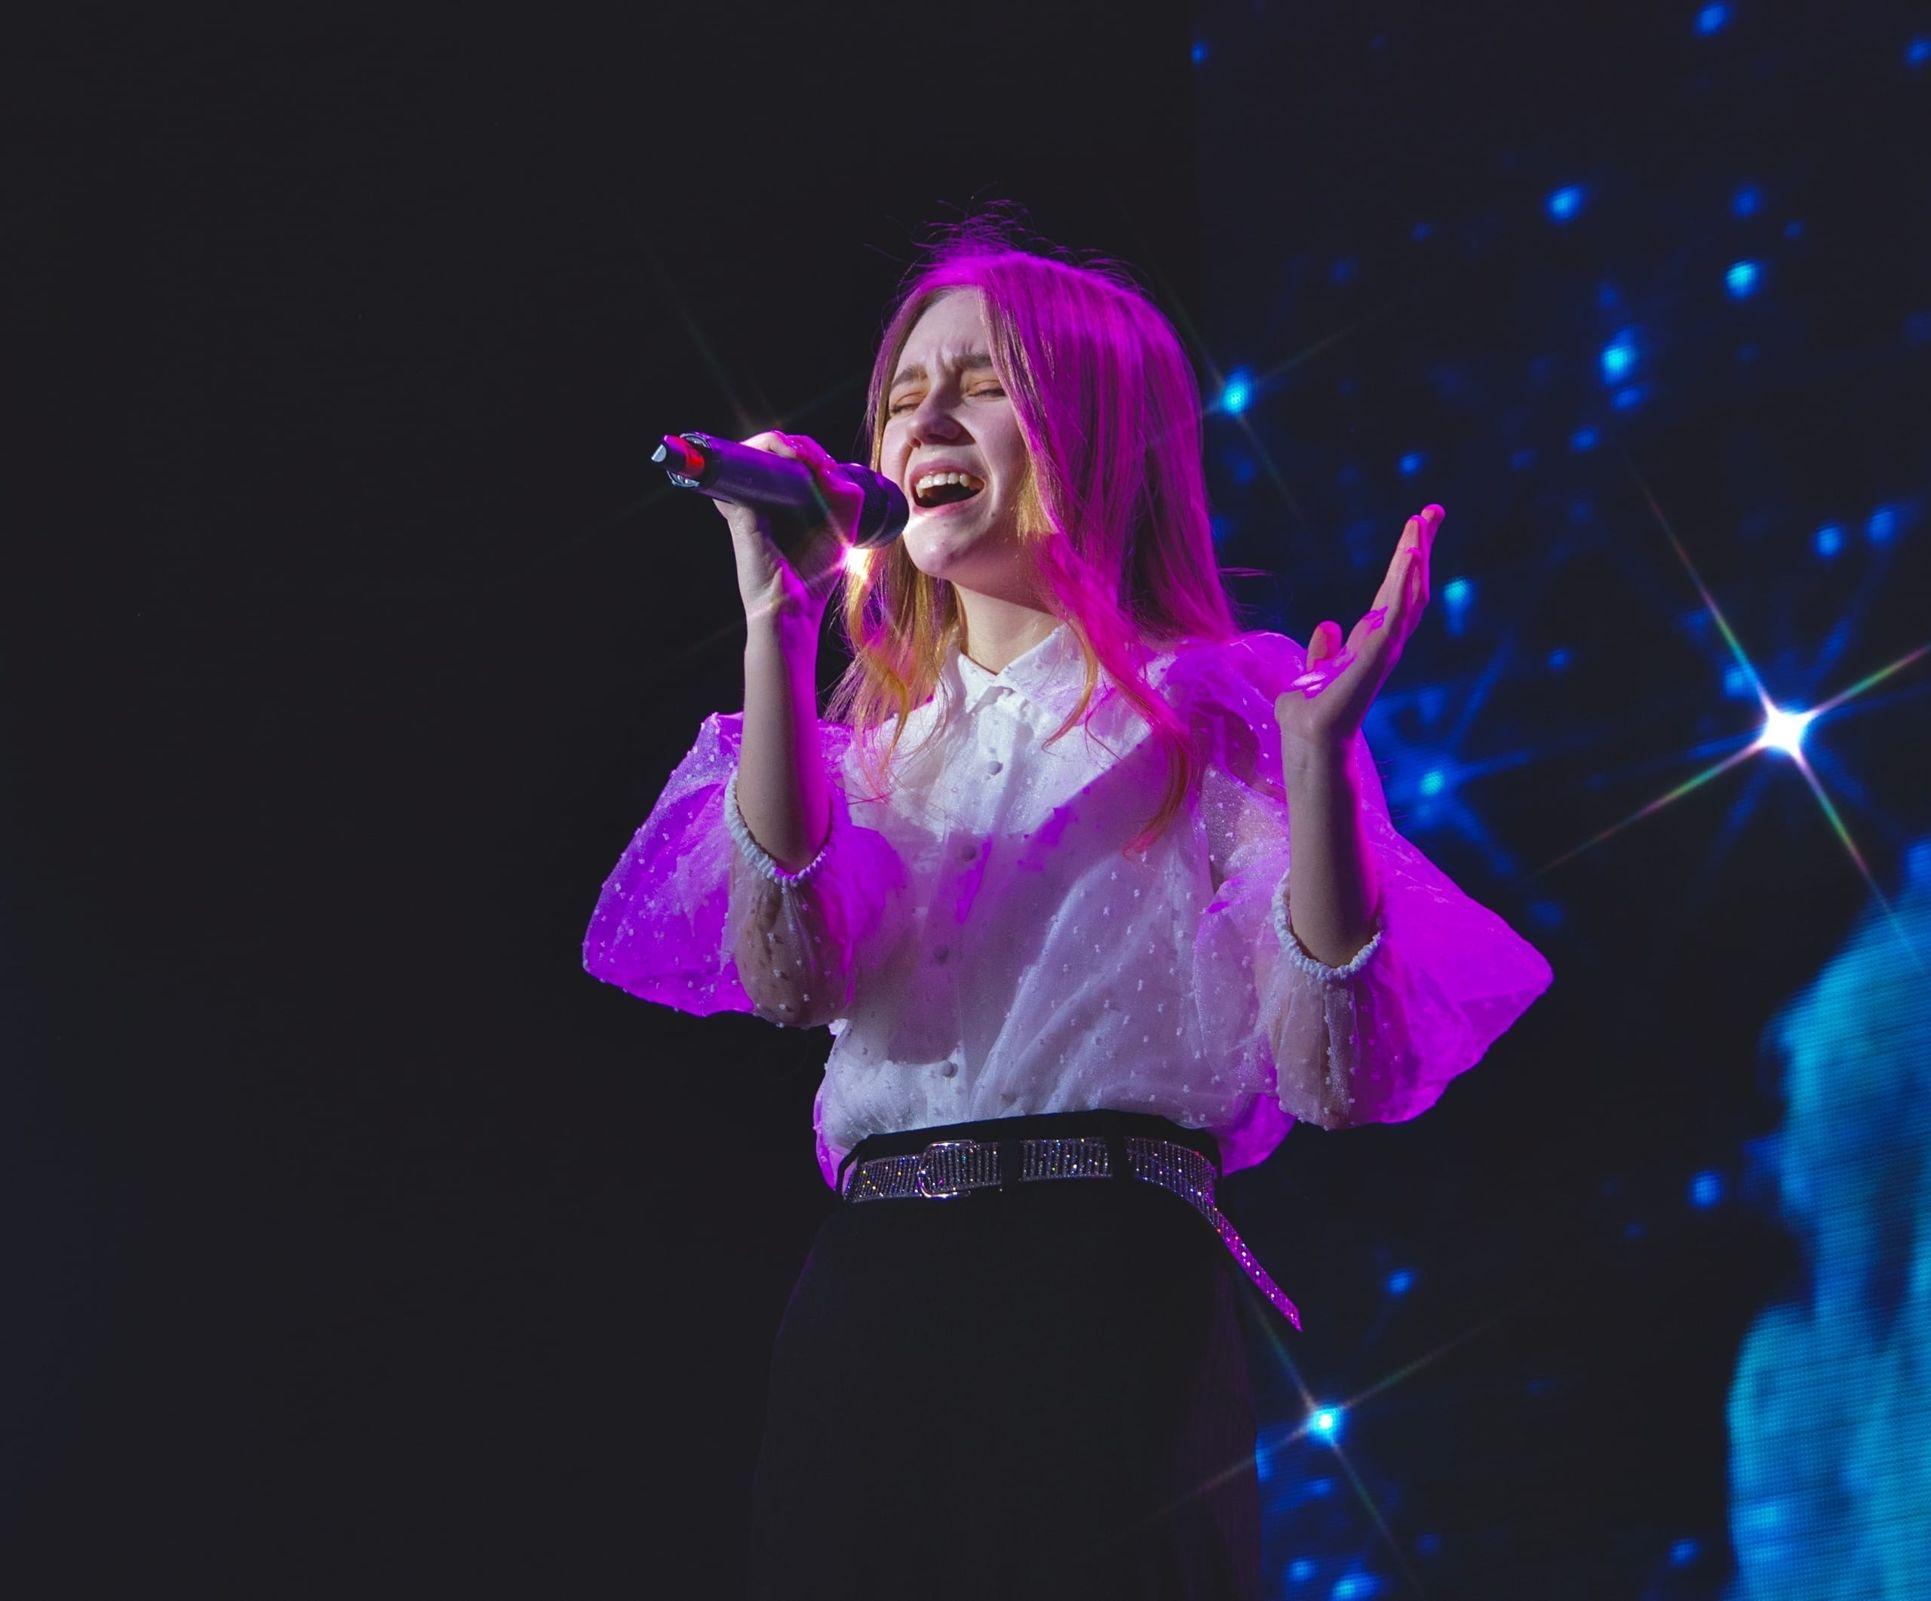 Ярославна прошла в финал отбора на «Детское Евровидение»